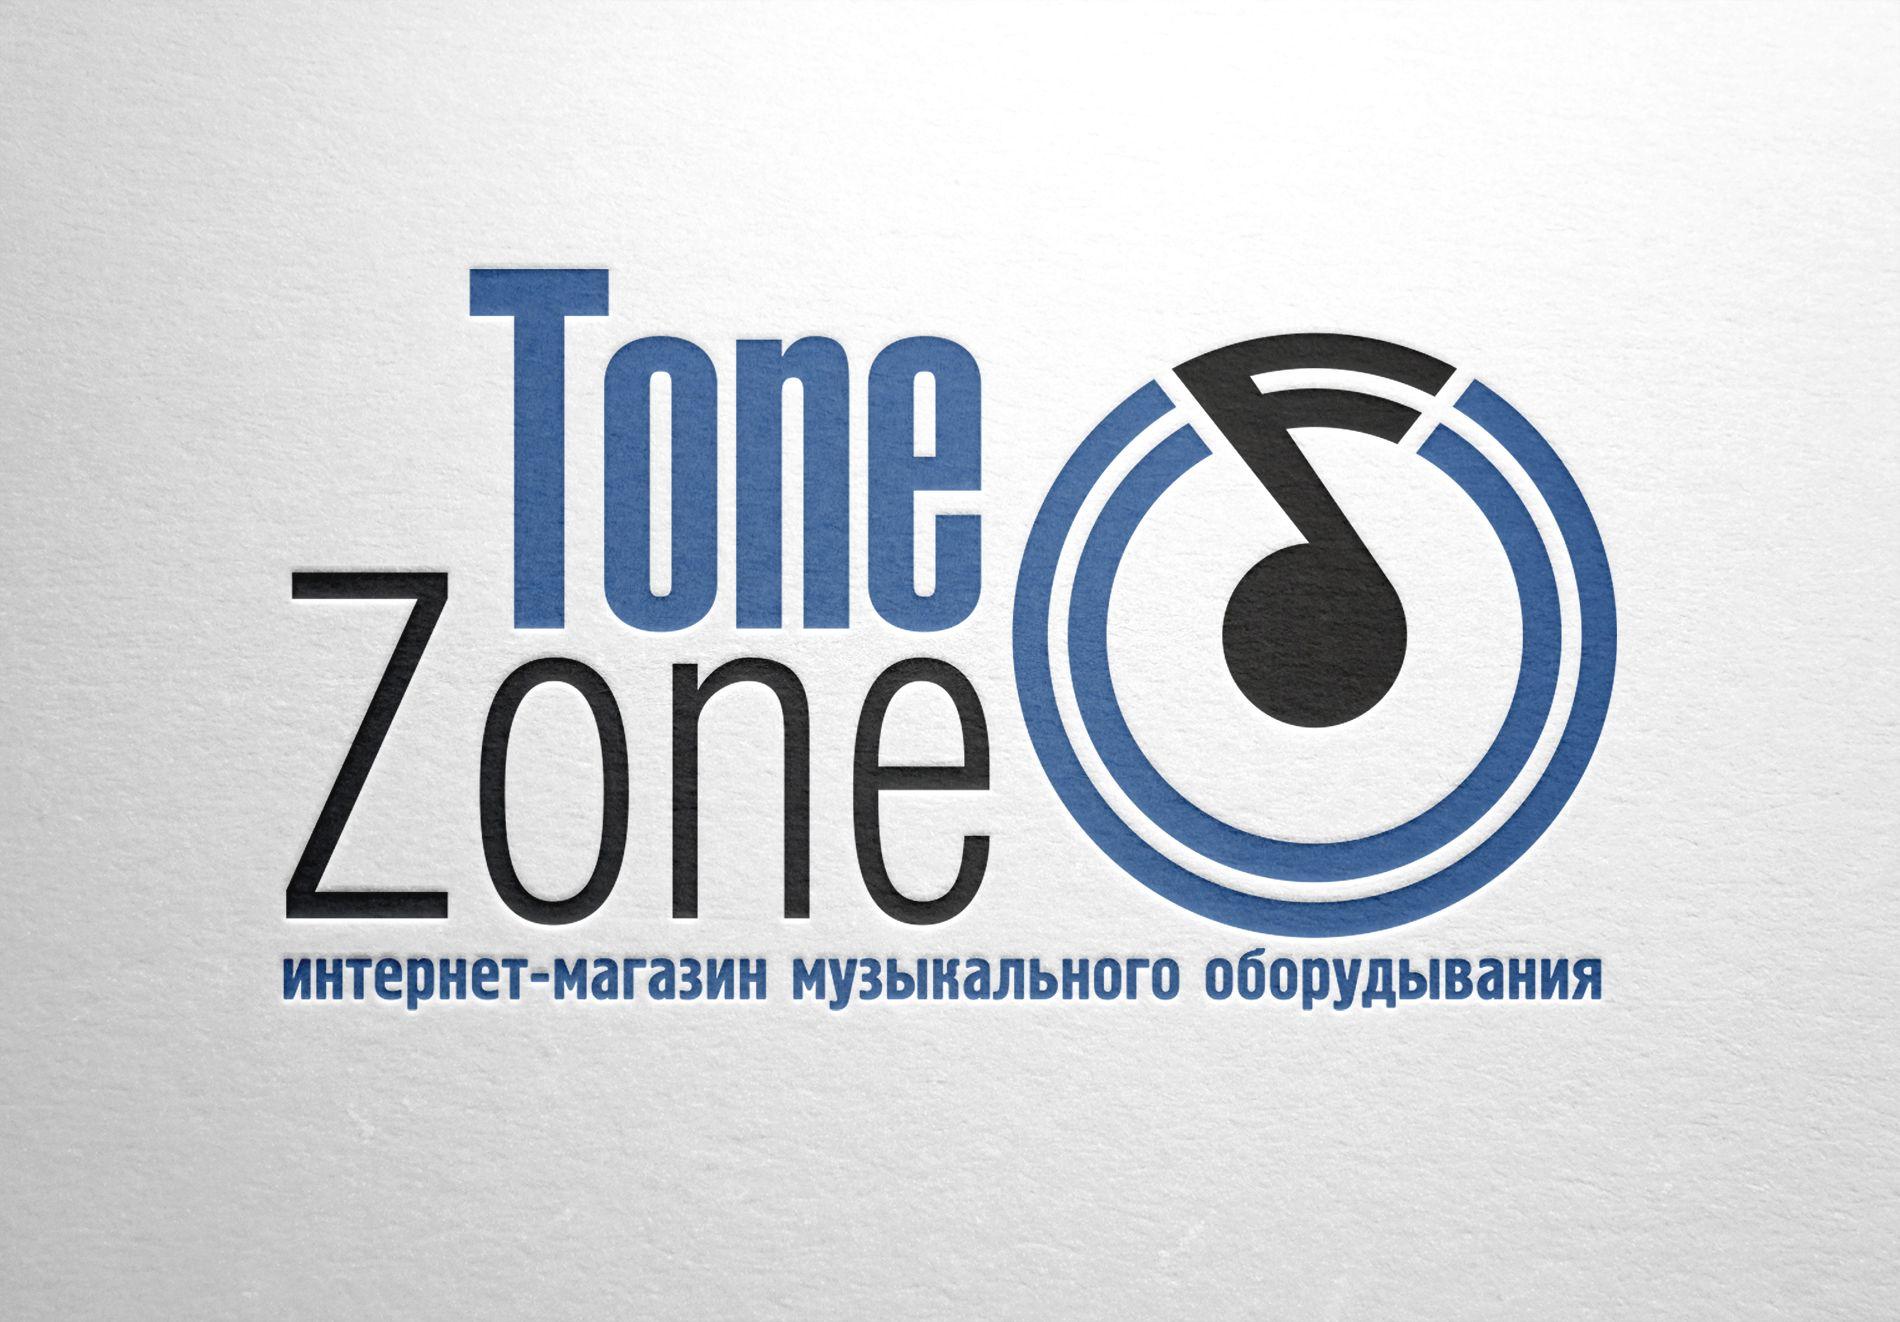 Лого и фирм. стиль инет-магазина муз. инструментов - дизайнер La_persona